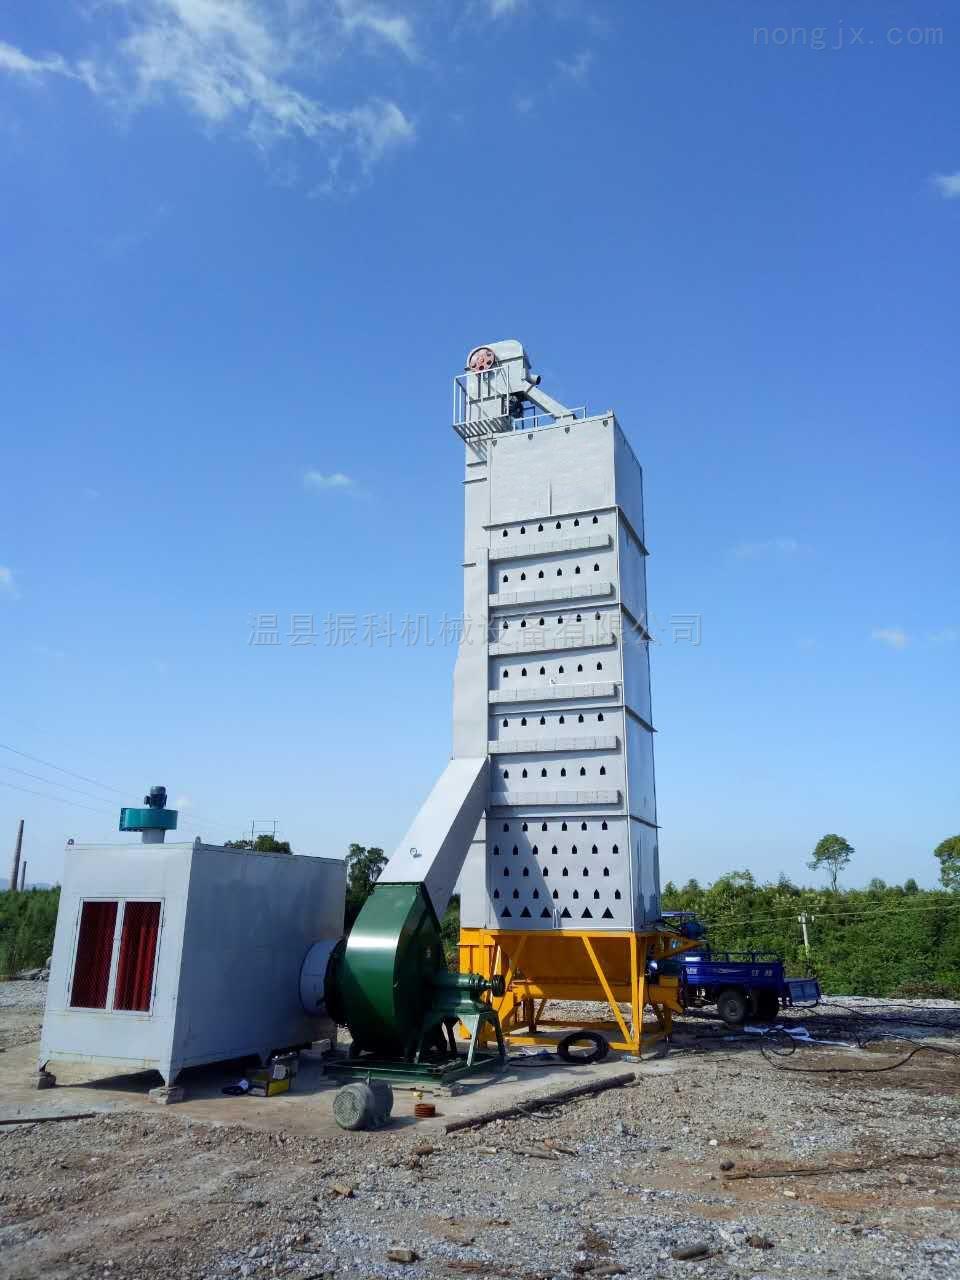 振科粮食烘干机提高粮食干燥机械化有效途径